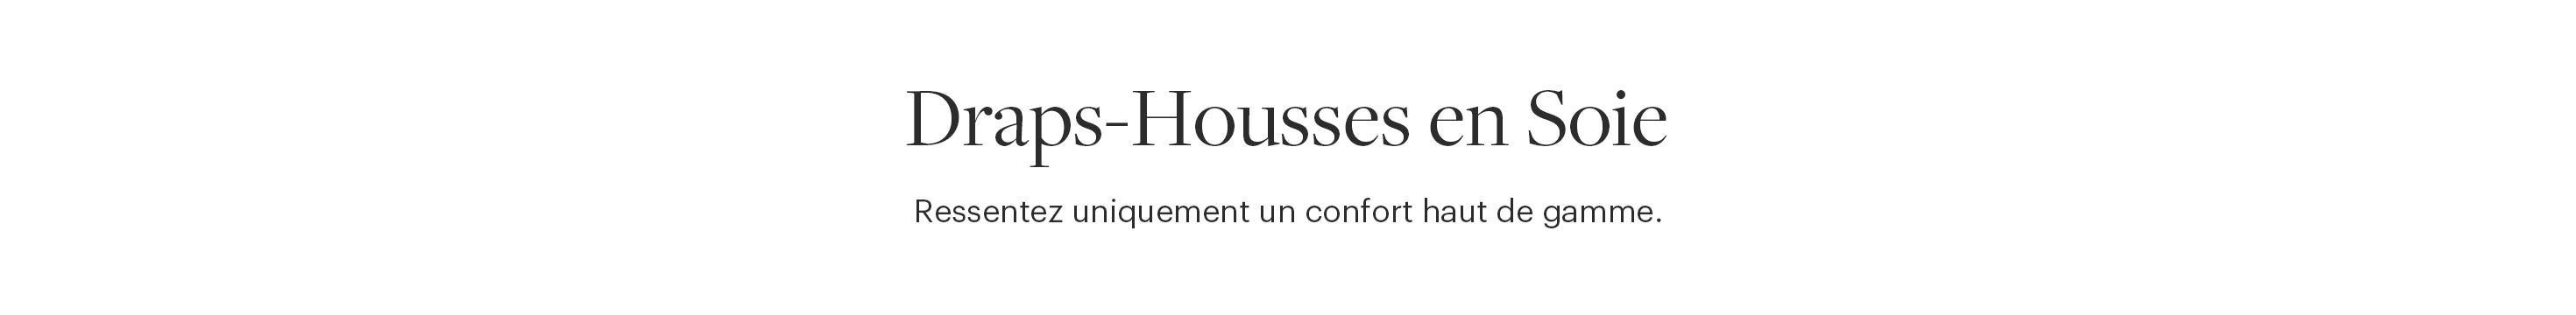 Drap Housse en Soie